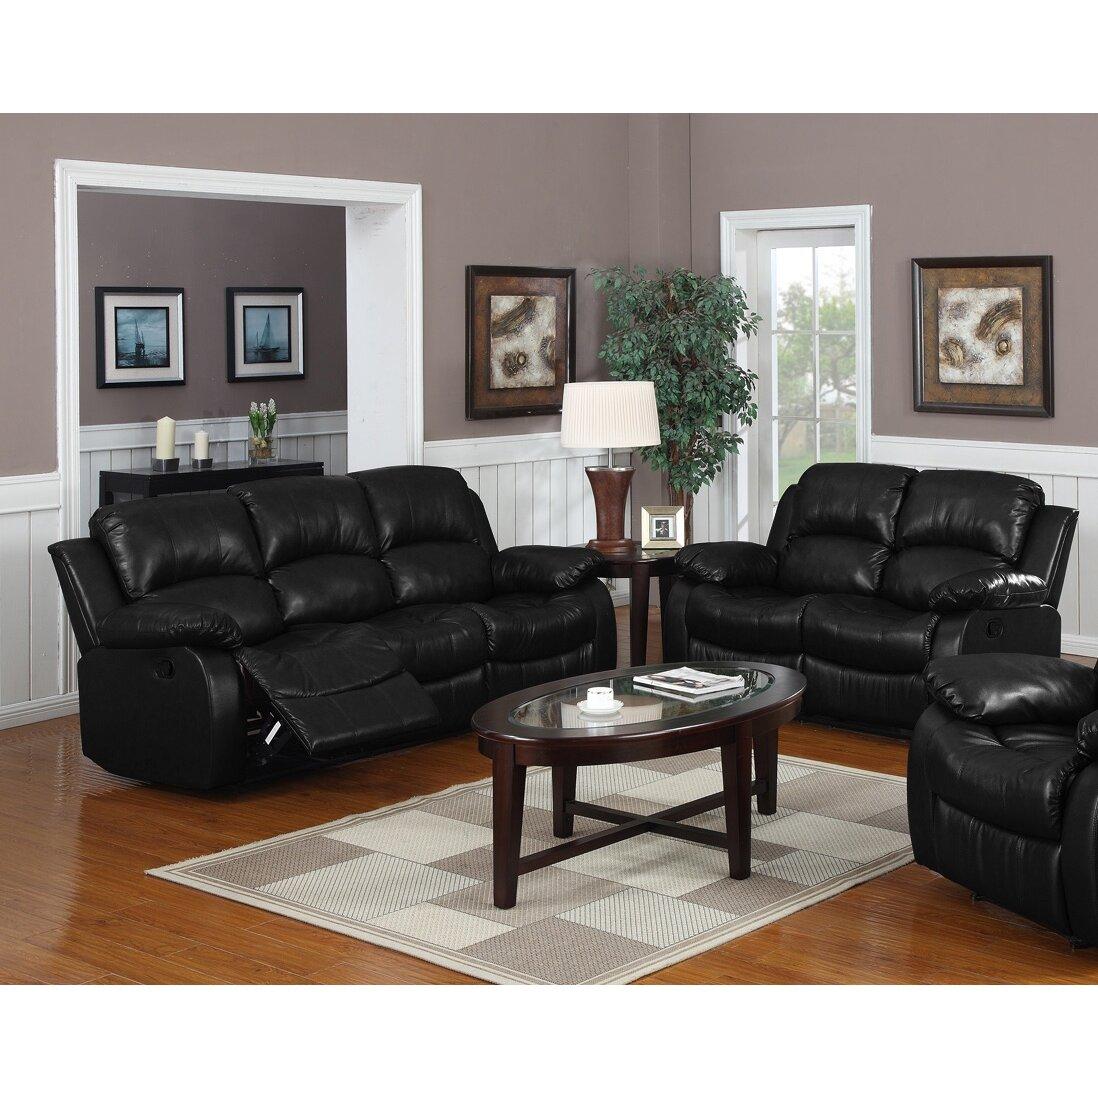 Magnolia home montclair 2 piece reclining living room set for 2 piece living room set